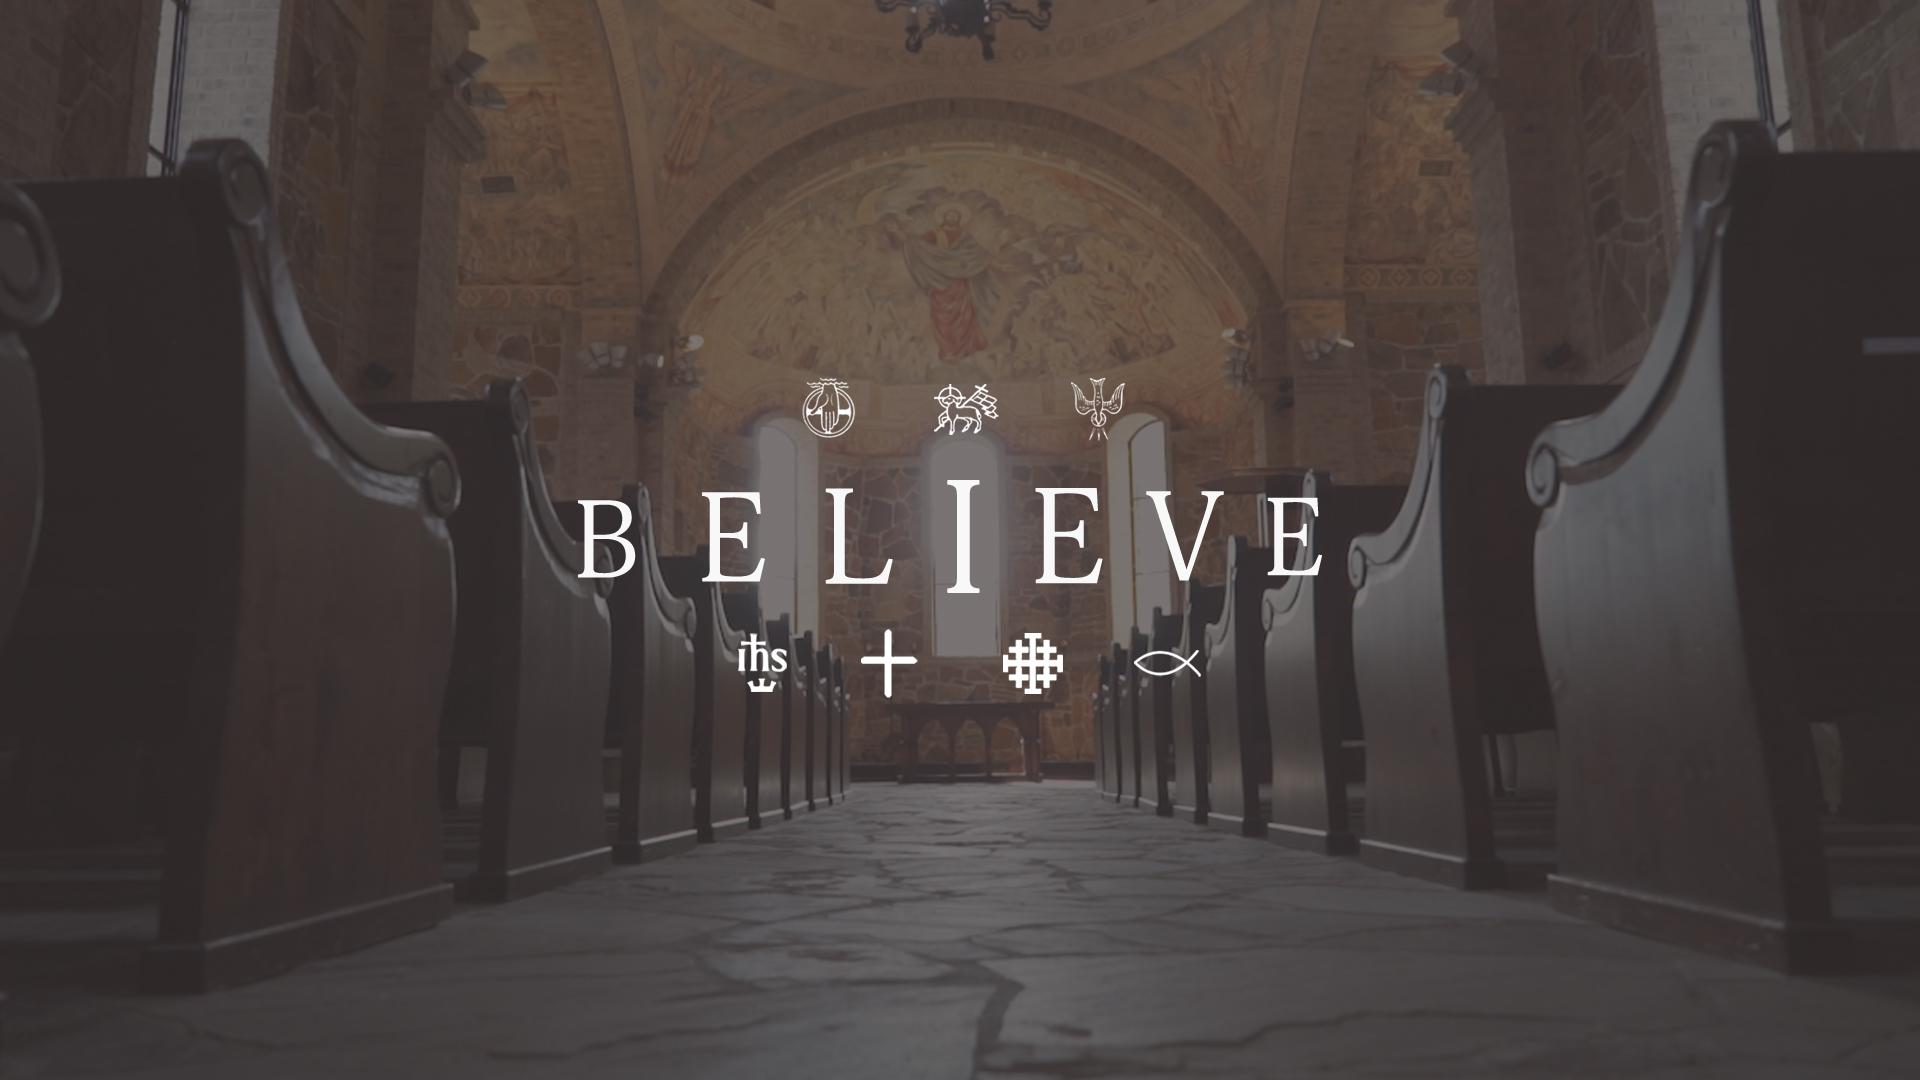 Believe_title slide.jpg